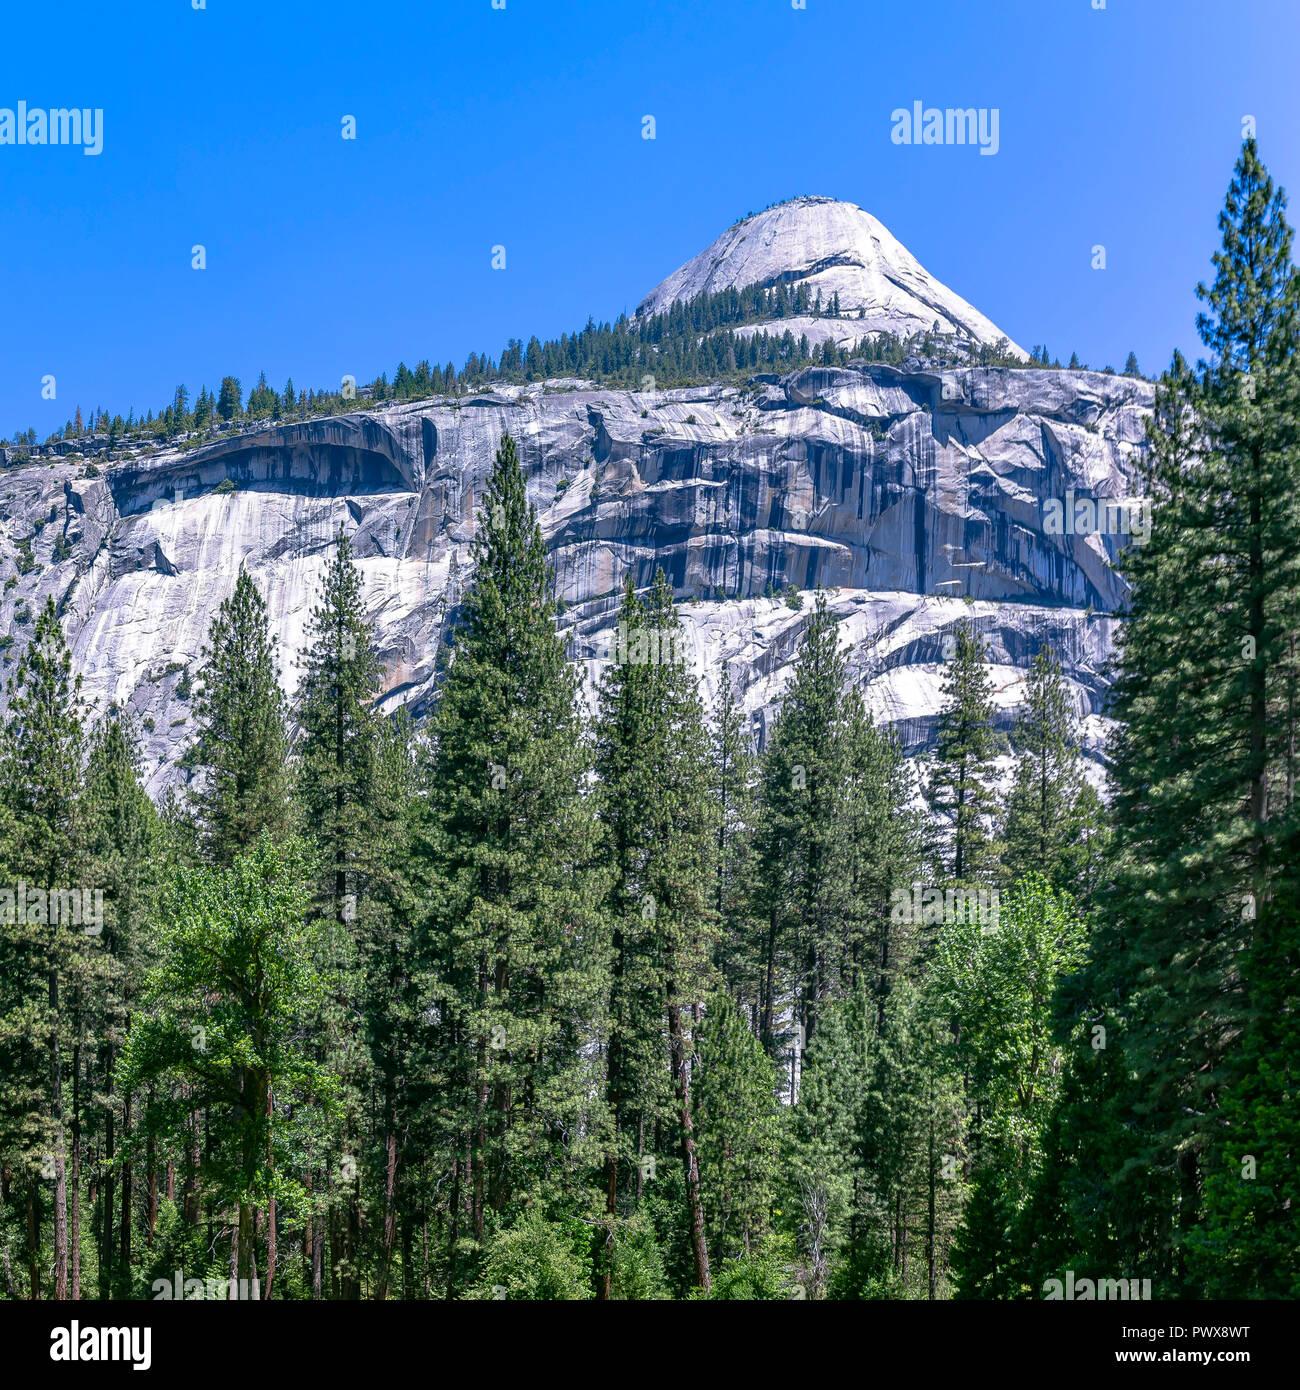 Weißen Berg und hohen Bäumen in Yosemite, CA Stockbild